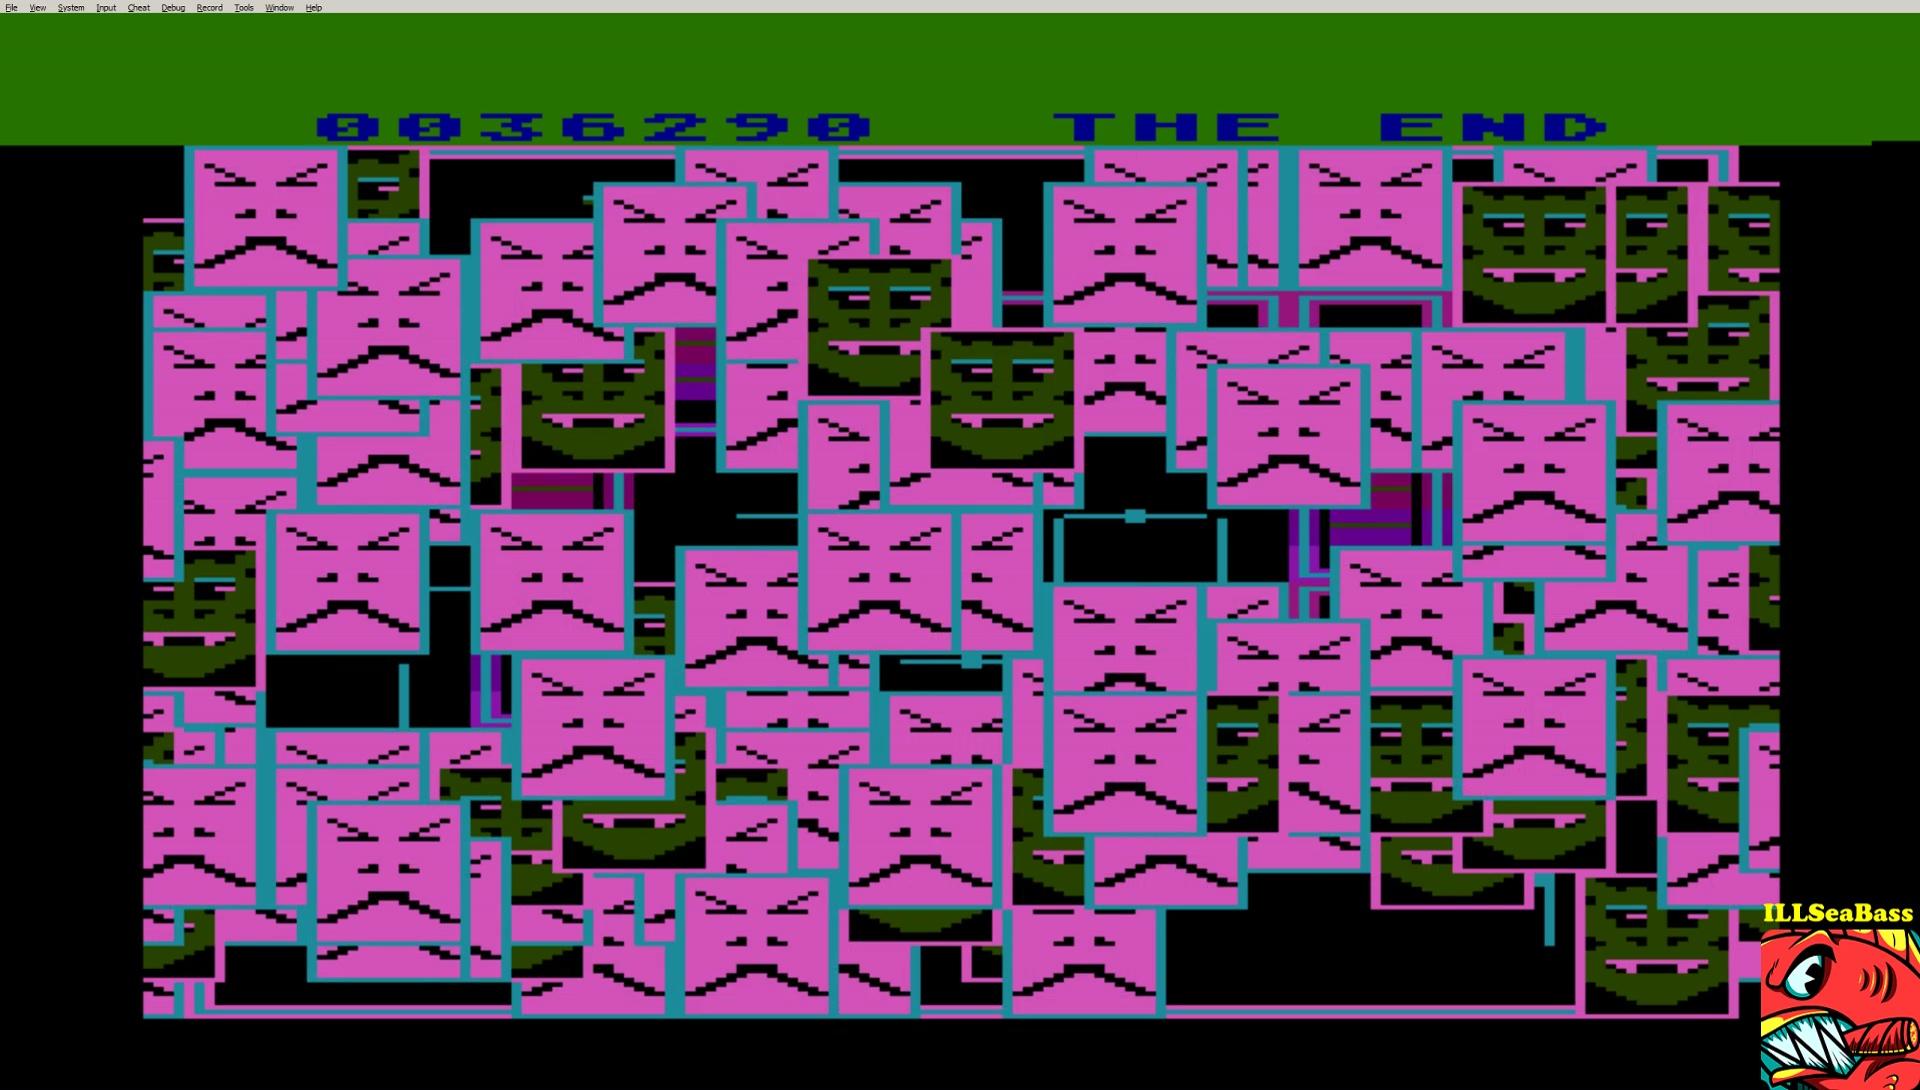 ILLSeaBass: Drelbs (Atari 400/800/XL/XE Emulated) 36,290 points on 2017-04-20 22:59:13